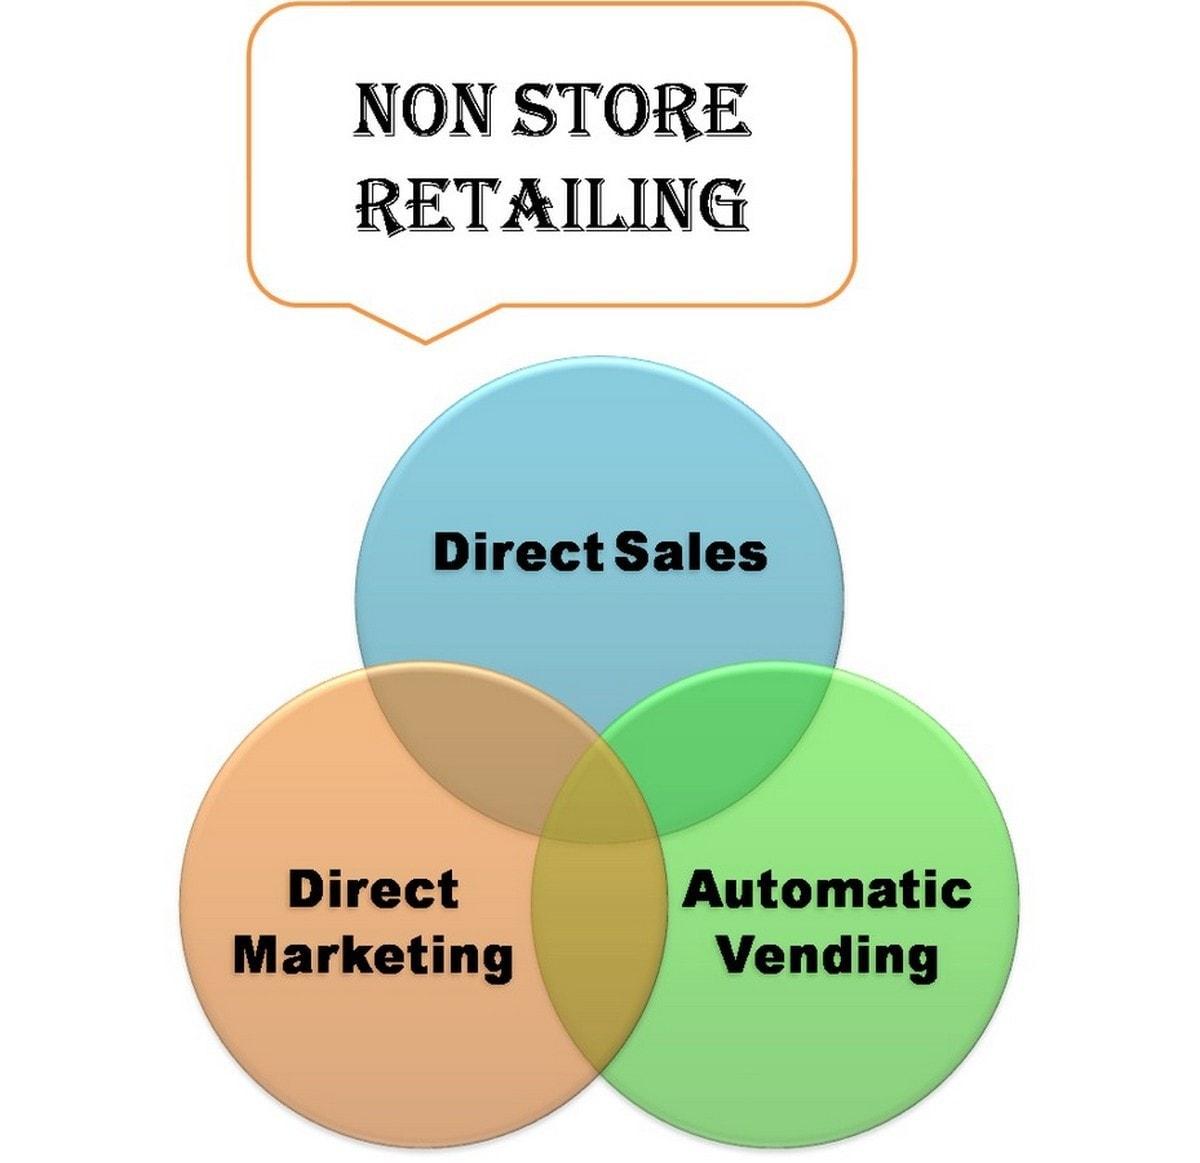 Non Store Retailing - 4